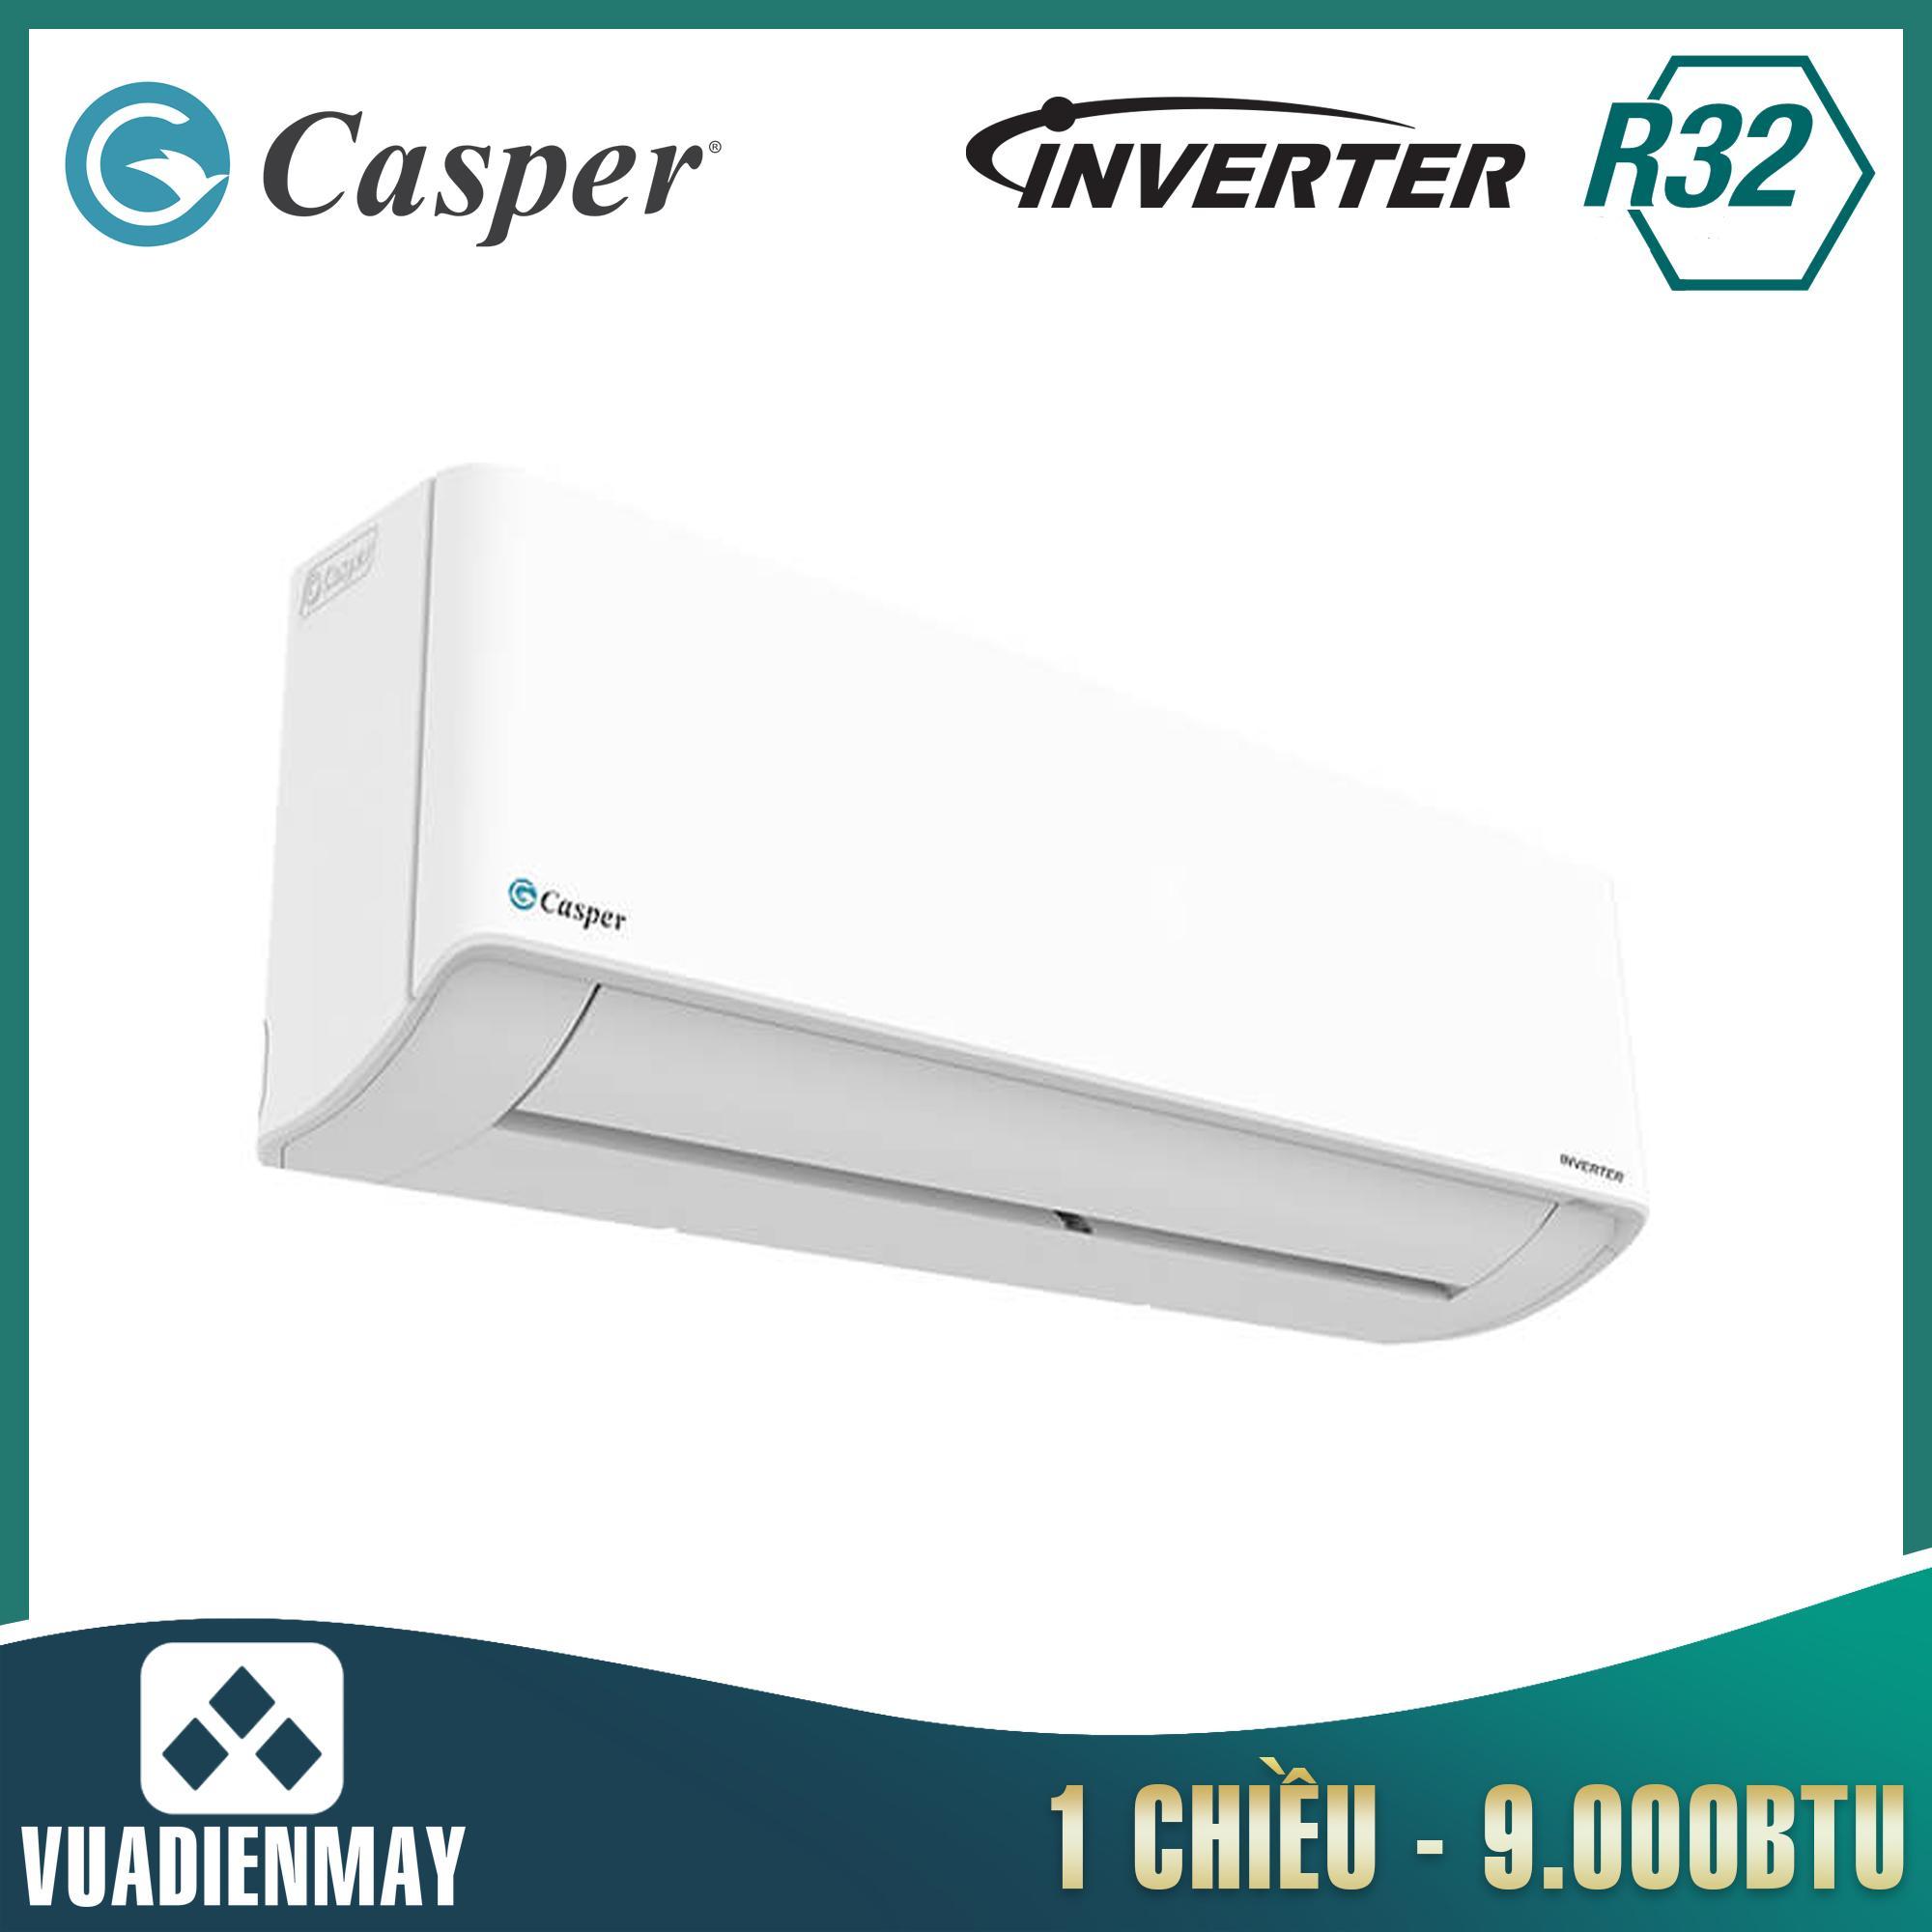 HC09IA32, điều hòa casper 9000btu 1 chiều inverter